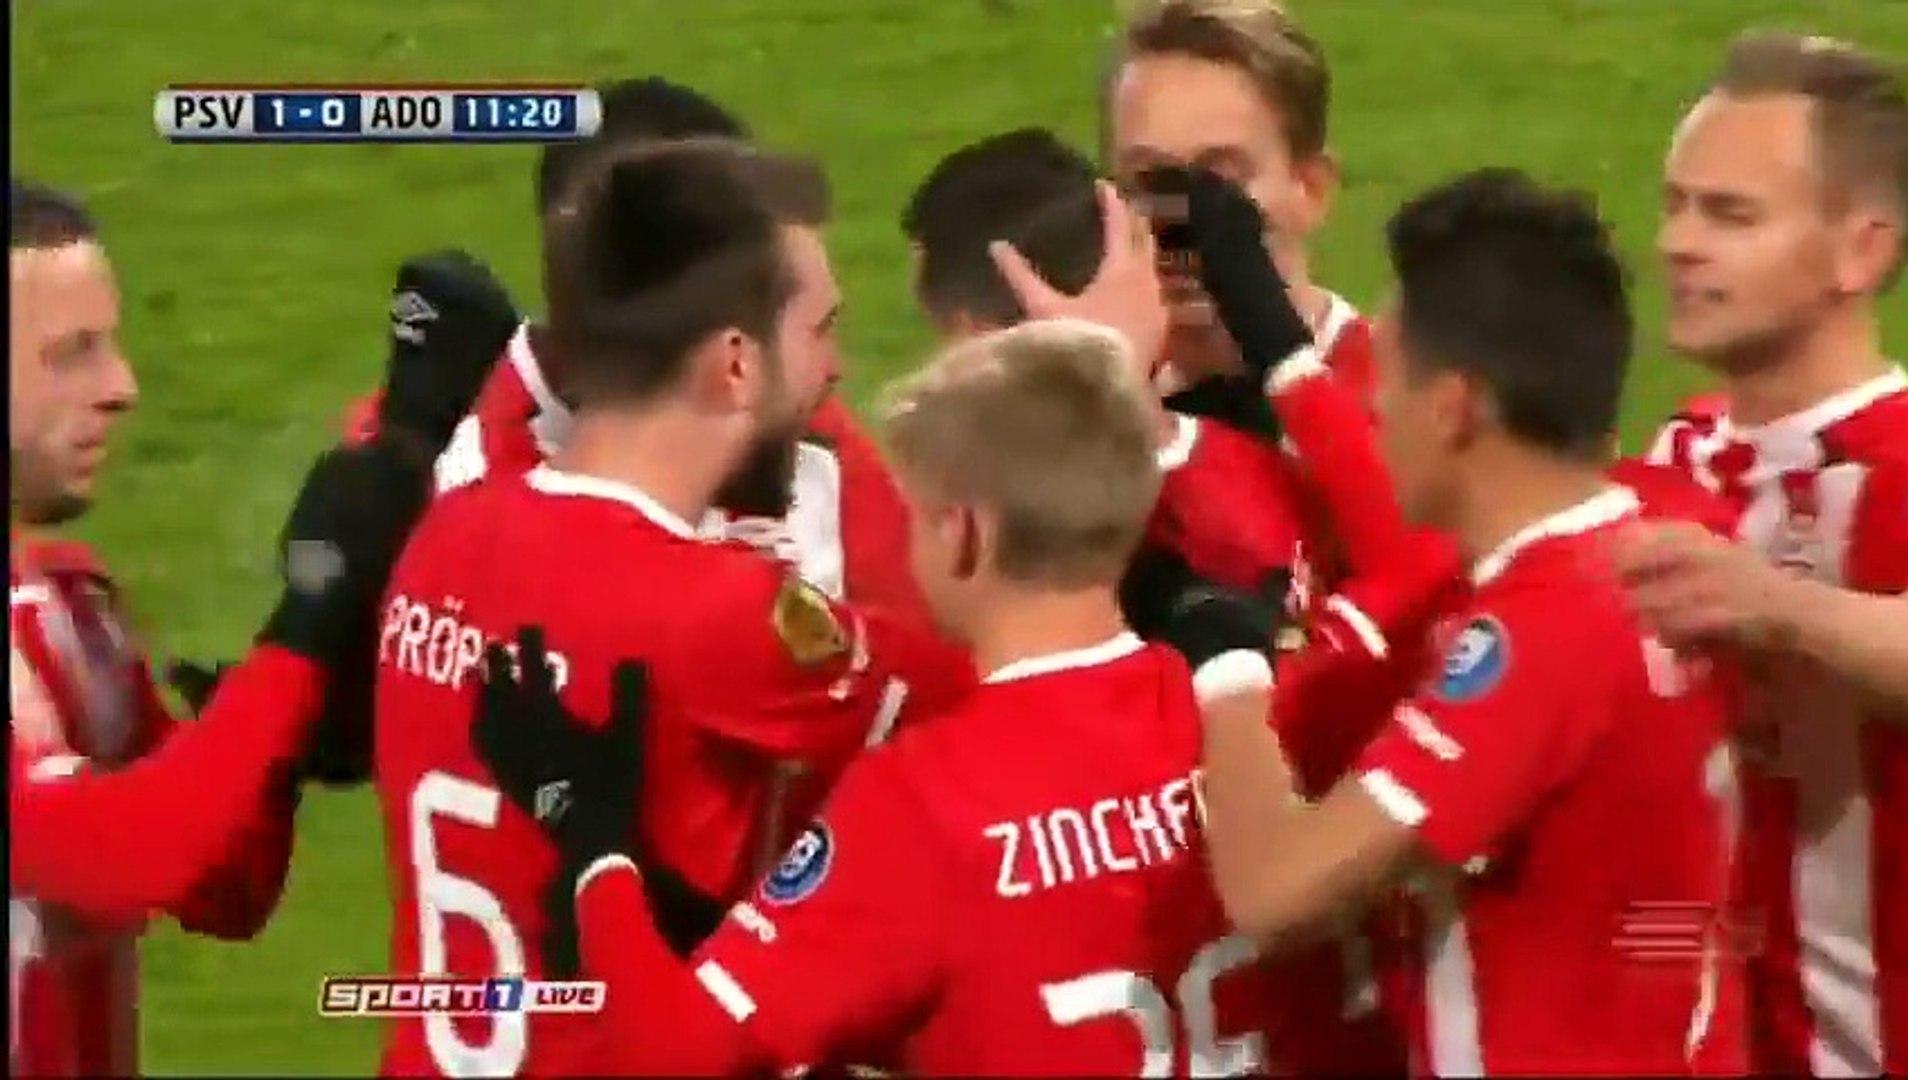 PSV Eindhoven vs ADO Den Haag 1-0 Gastón Pereiro Goal  Eredivisie 26-11-2016 (HD)